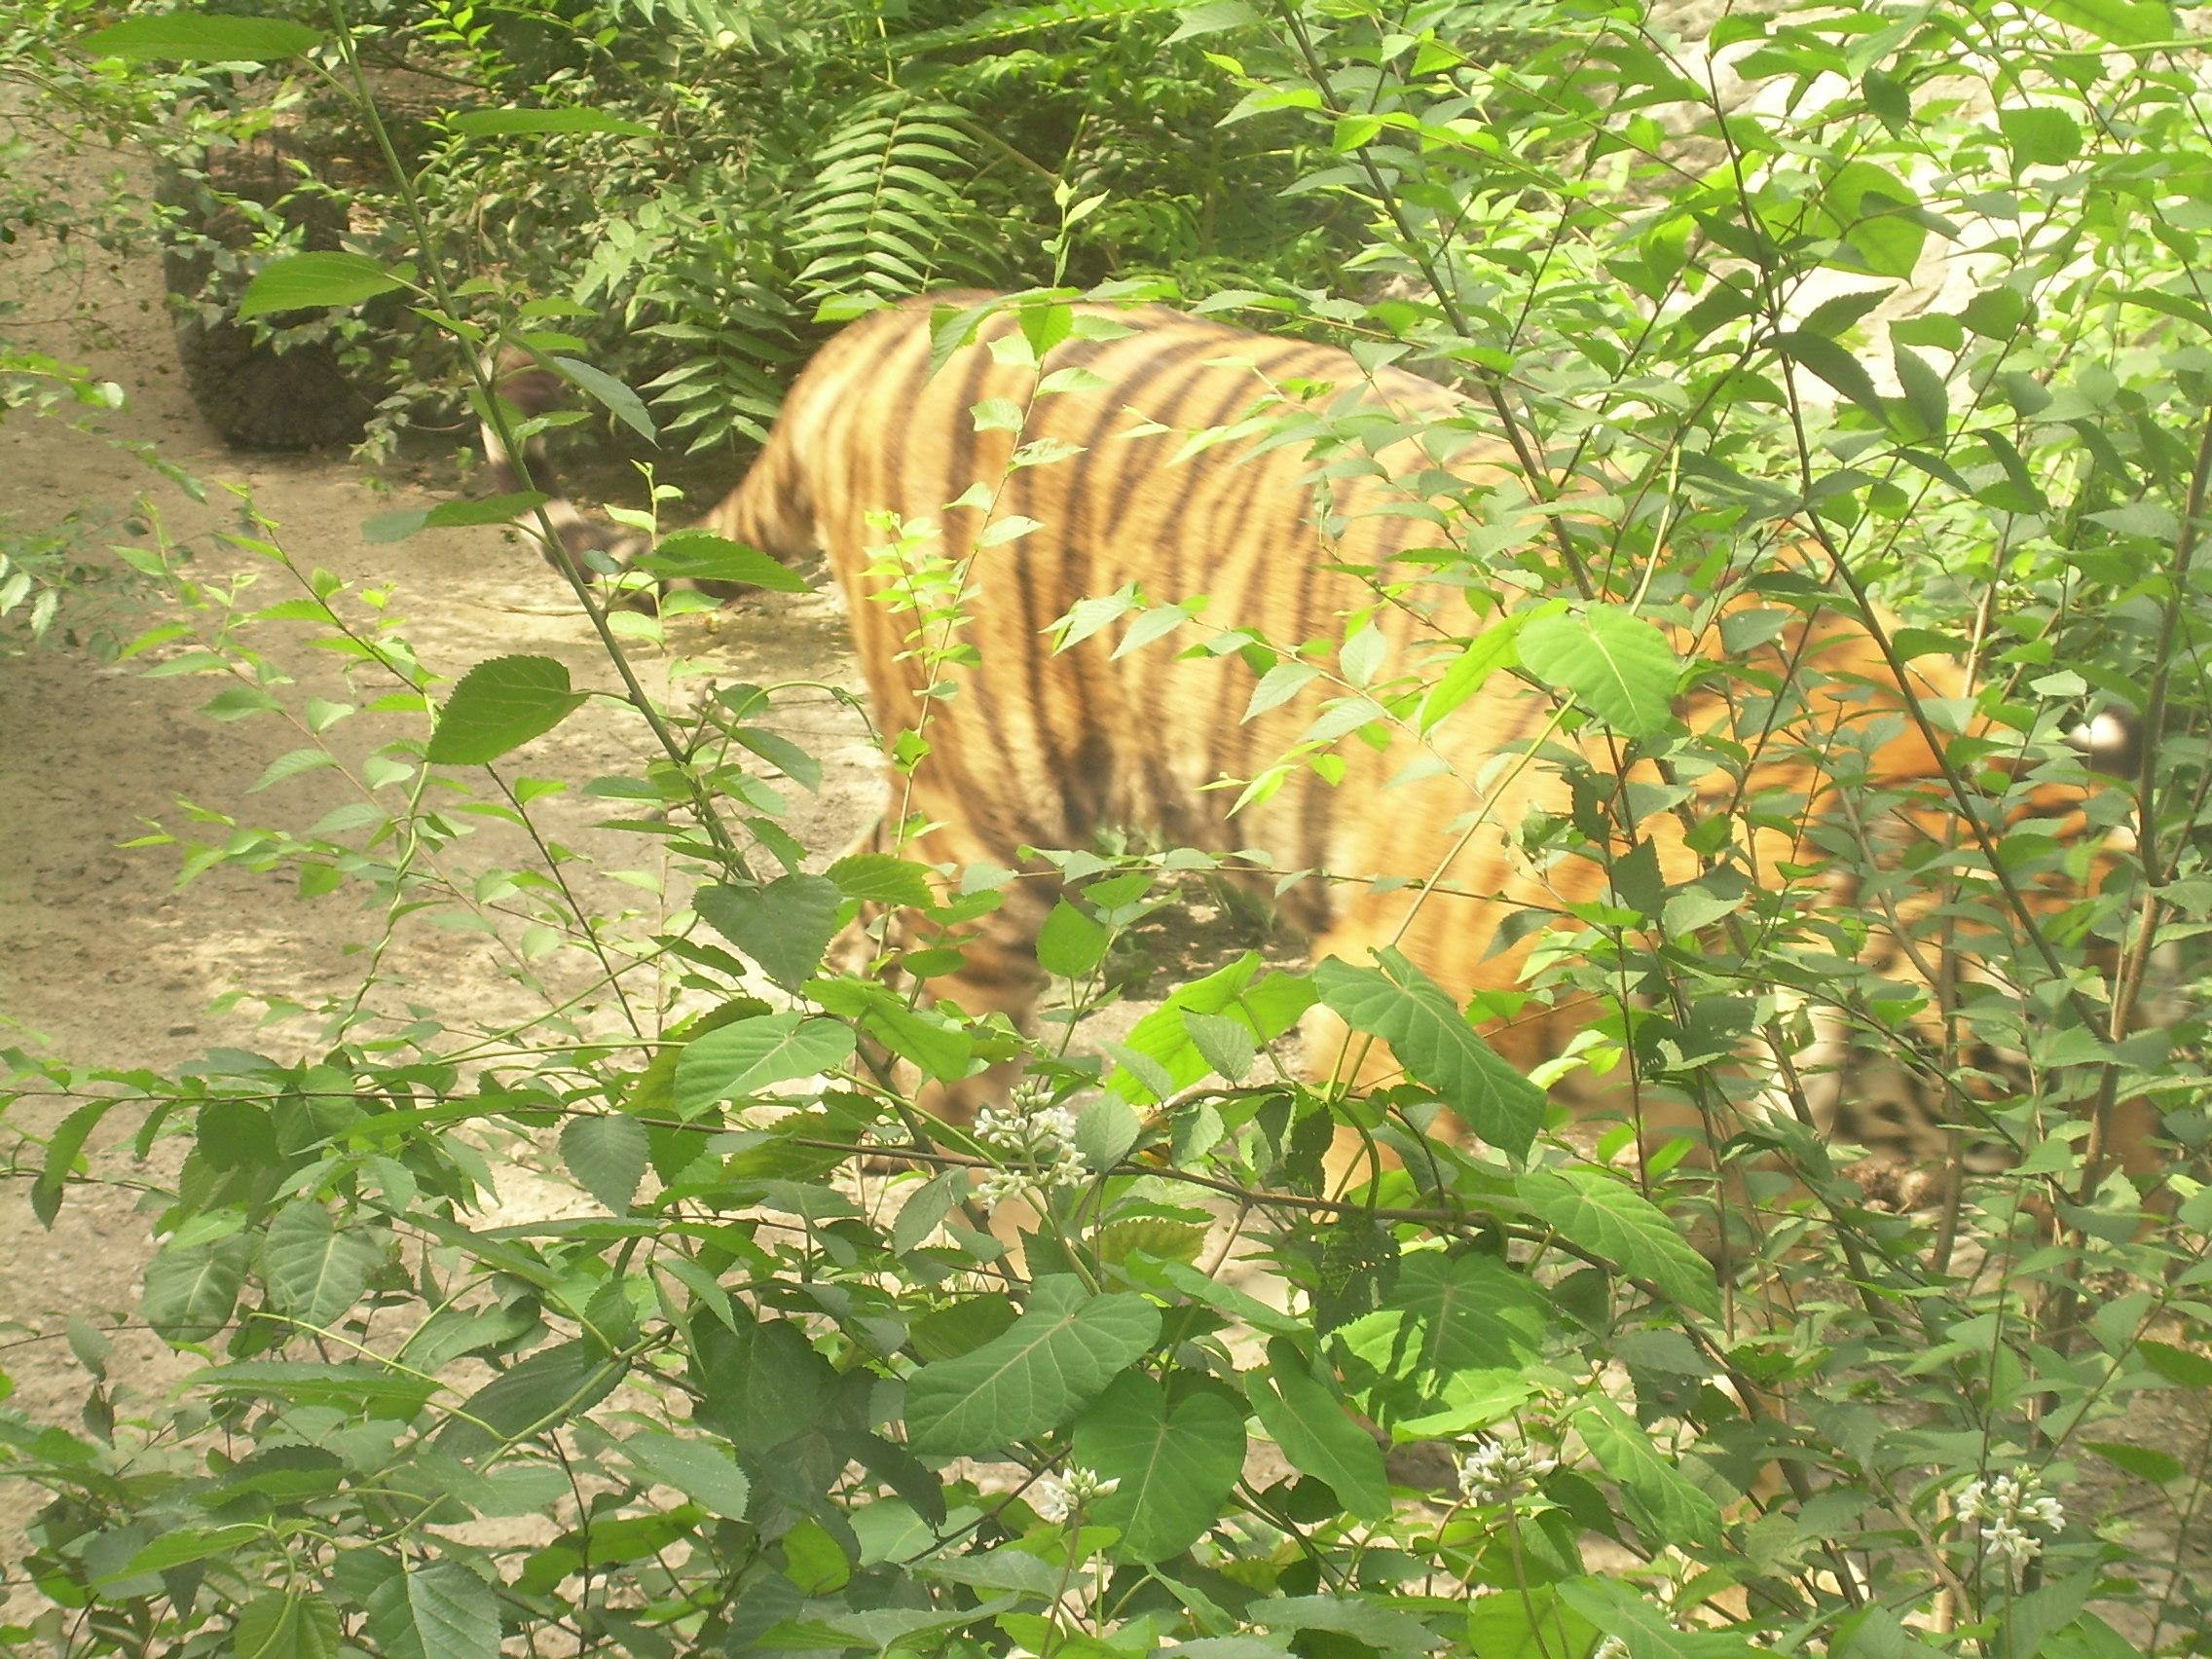 去动物园游玩,儿子要看大老虎,于是就往狮虎山出发,沿途经过一个湖,看着动物园的风景还是不错的,小花和莲花都盛开了,湖面上游来了两只优雅的天鹅(分不清是鹅还是天鹅),给湖面增加了不少美丽的色彩。一会儿到了狮虎山,去看大老虎。老虎还是挺隐蔽的,不过还是发现了它,不愧是百兽之王啊,雄健的身体,漂亮的斑纹,的确是有王者之风啊。除了普通的东北虎和华南虎,还看到了一只白虎,这个还真是少见啊!